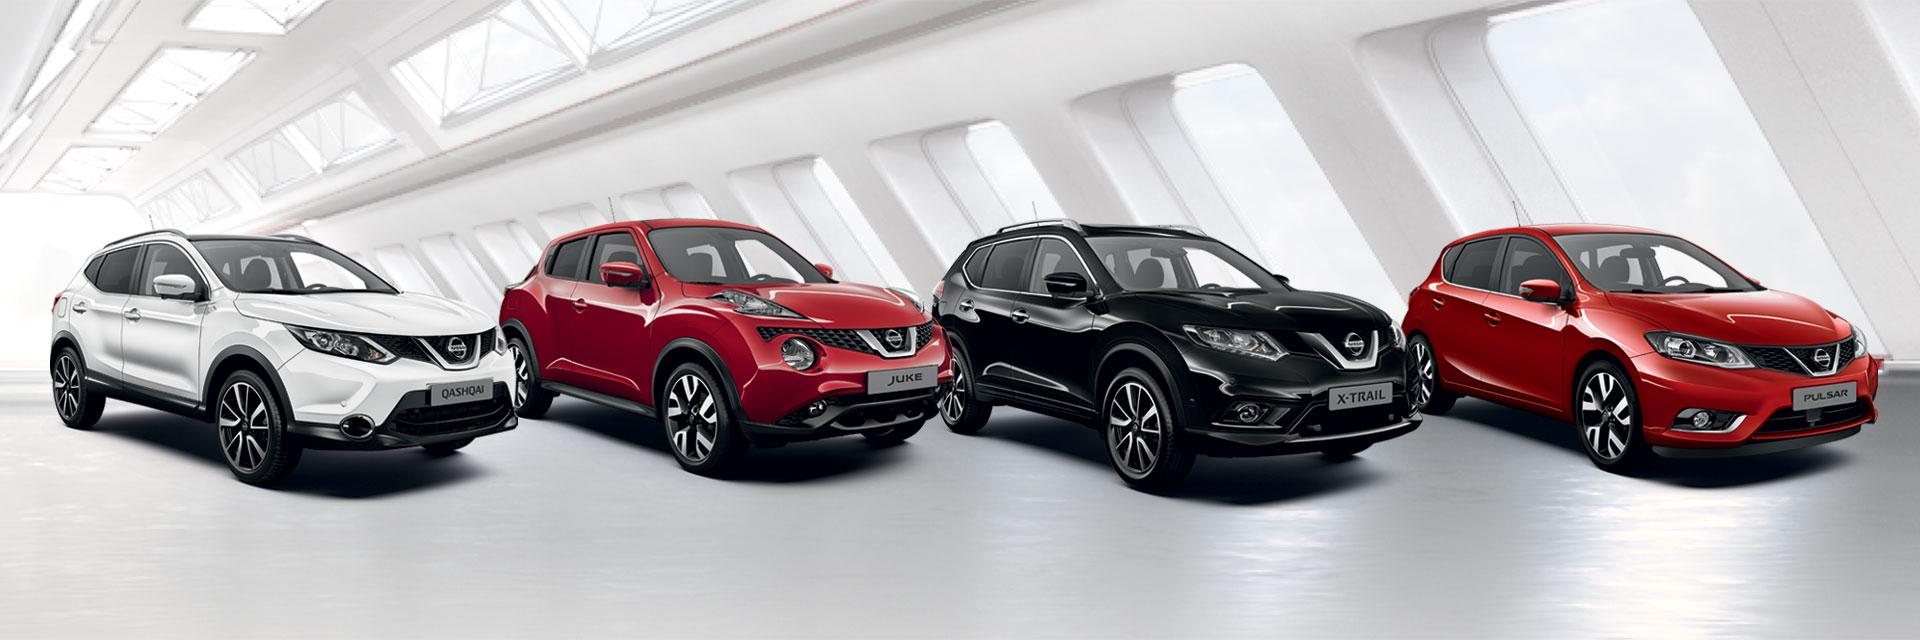 Nissan-talvitarjoukset